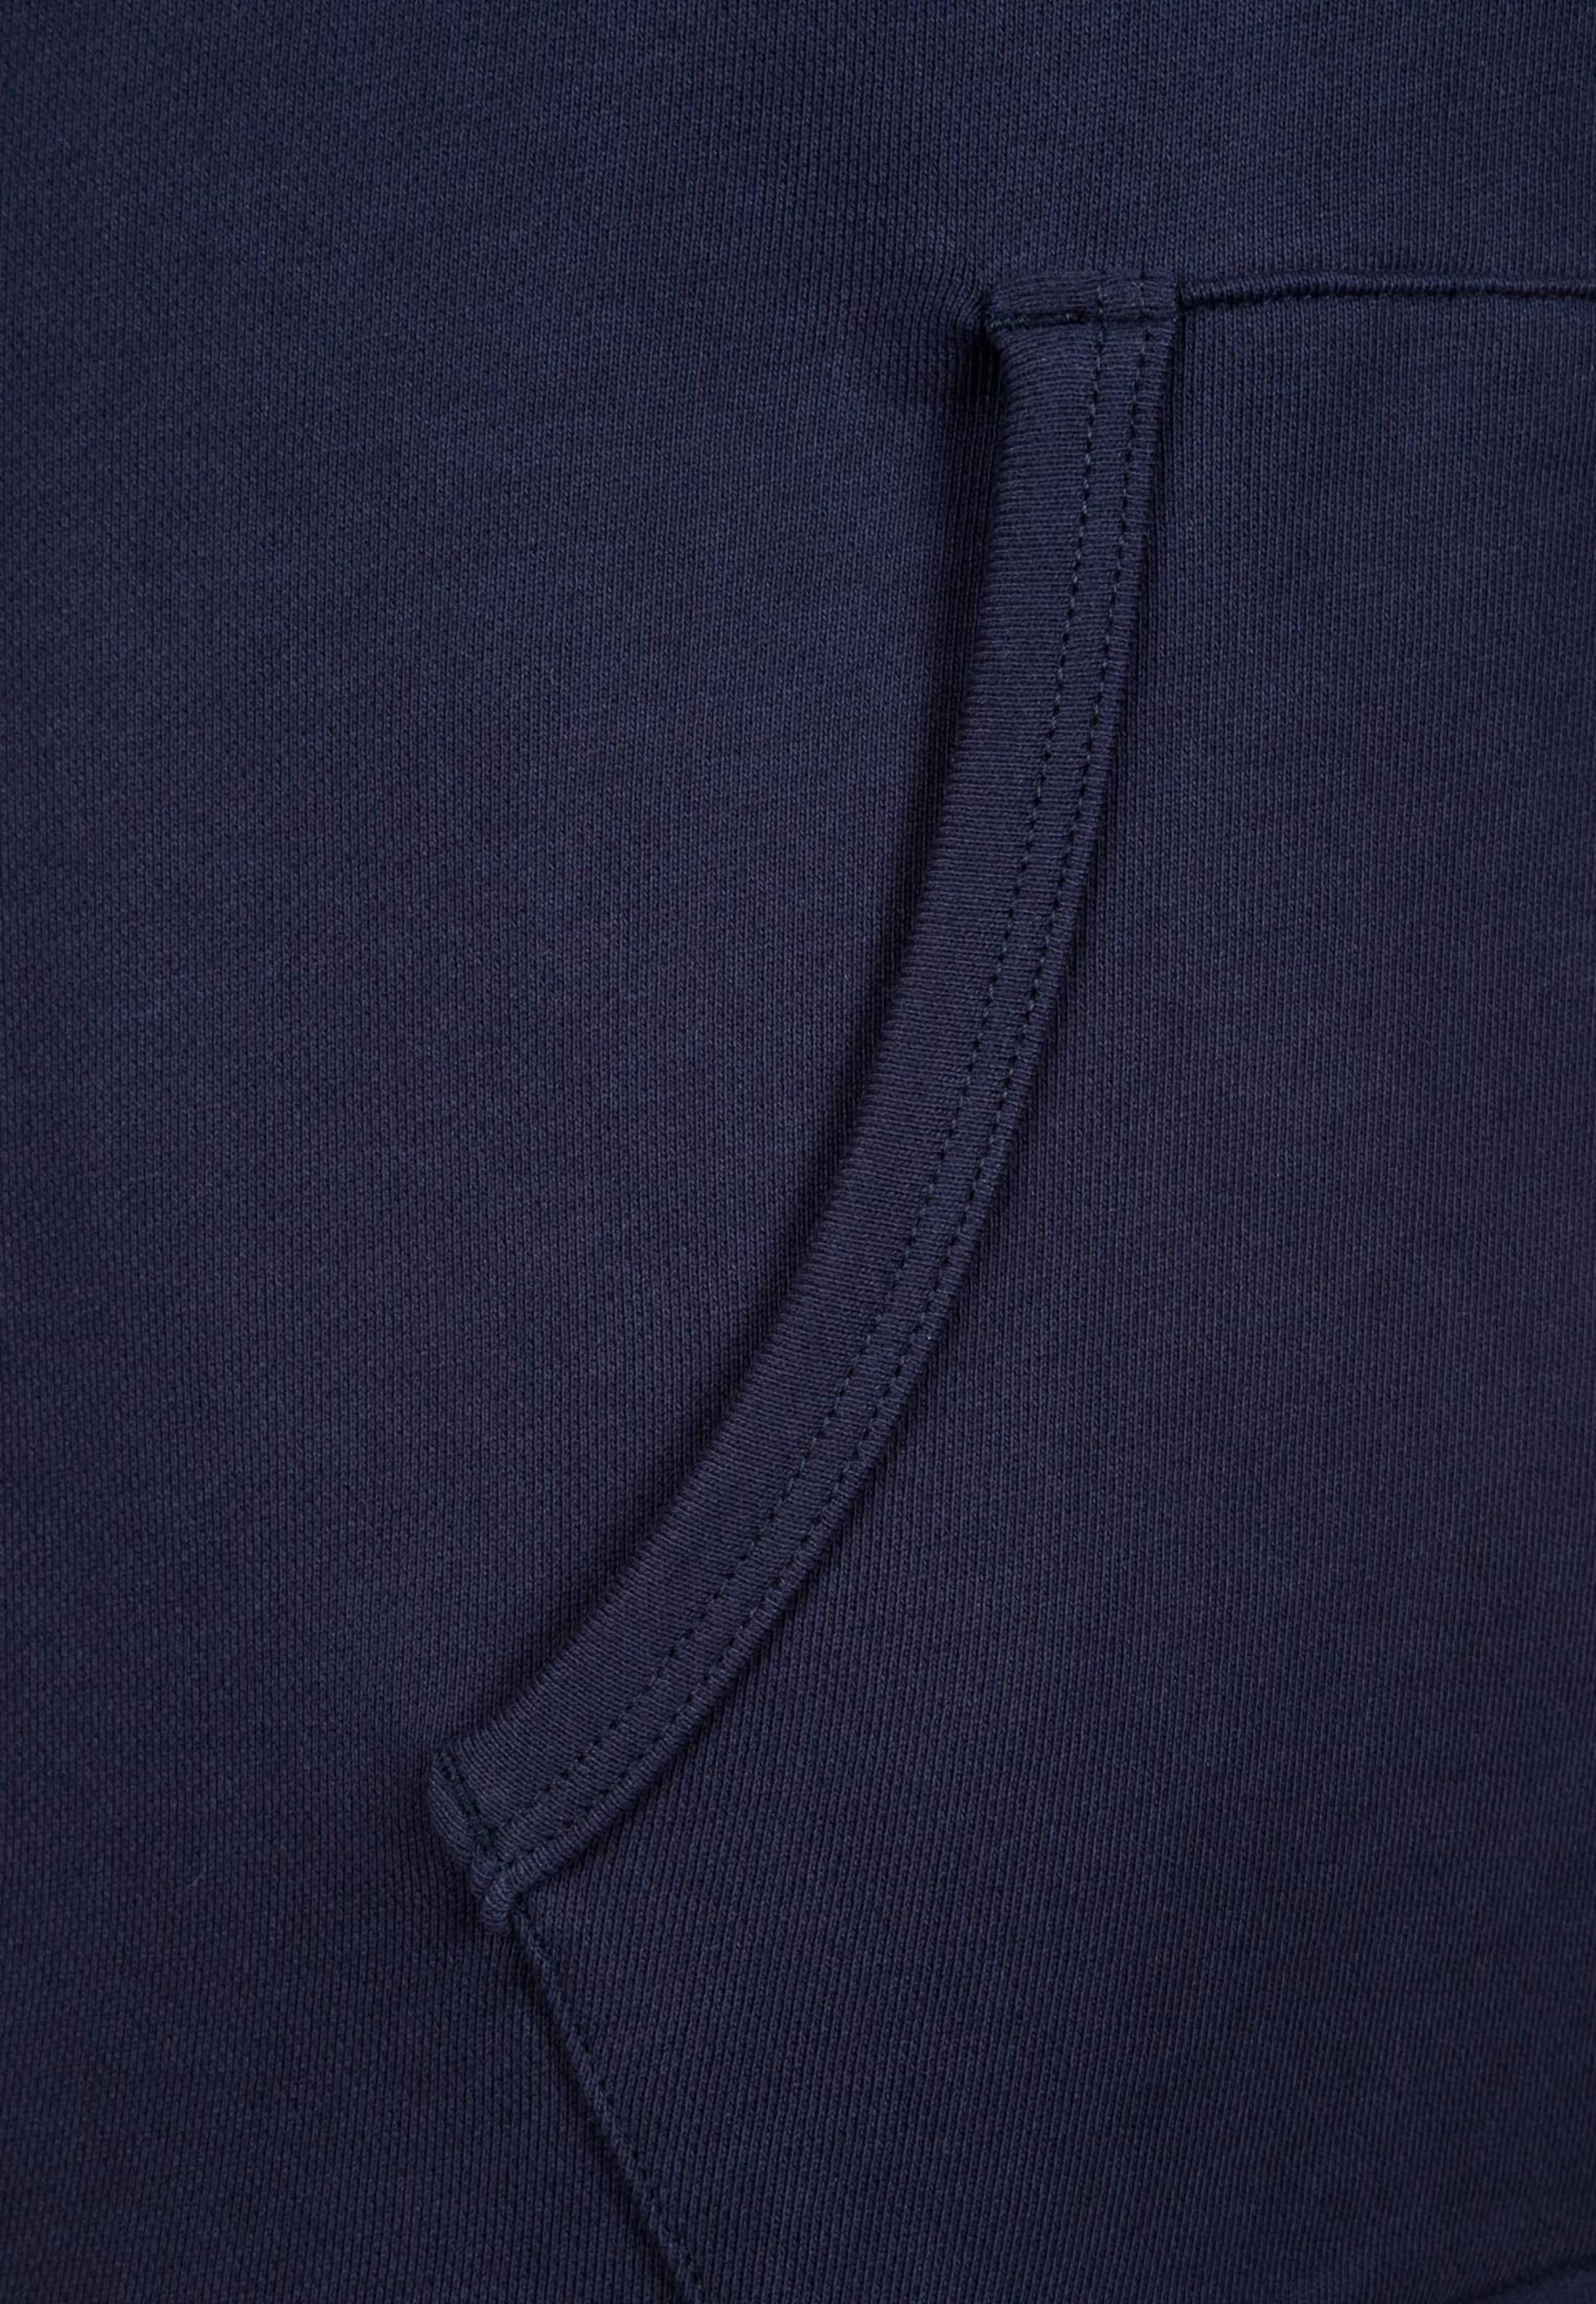 Scott De Veste Survêtement Bleu En Lyleamp; Foncé wkOPuXZiT